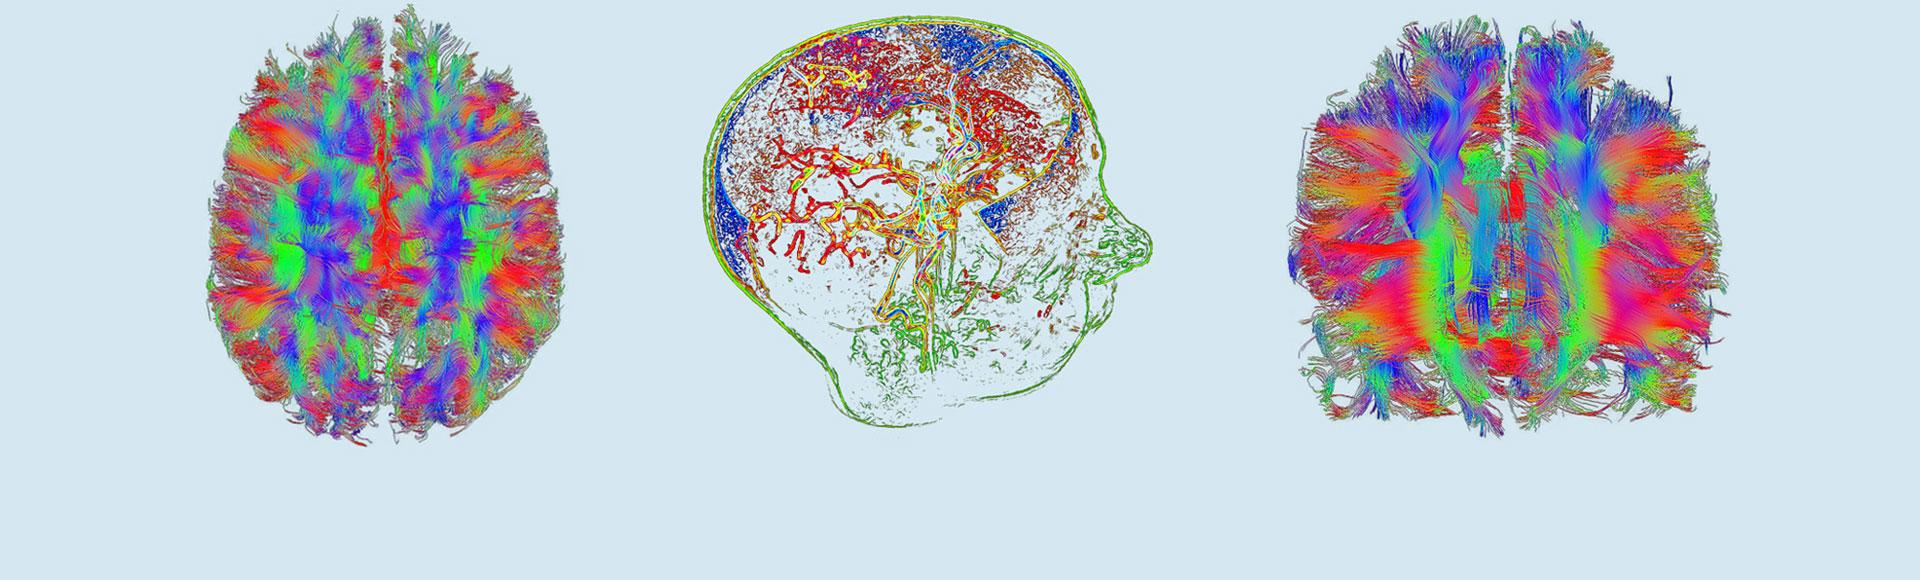 Das DZNE – Neurodegenerative Erkrankungen verstehen, Ursachen entschlüsseln, Therapien entwickeln